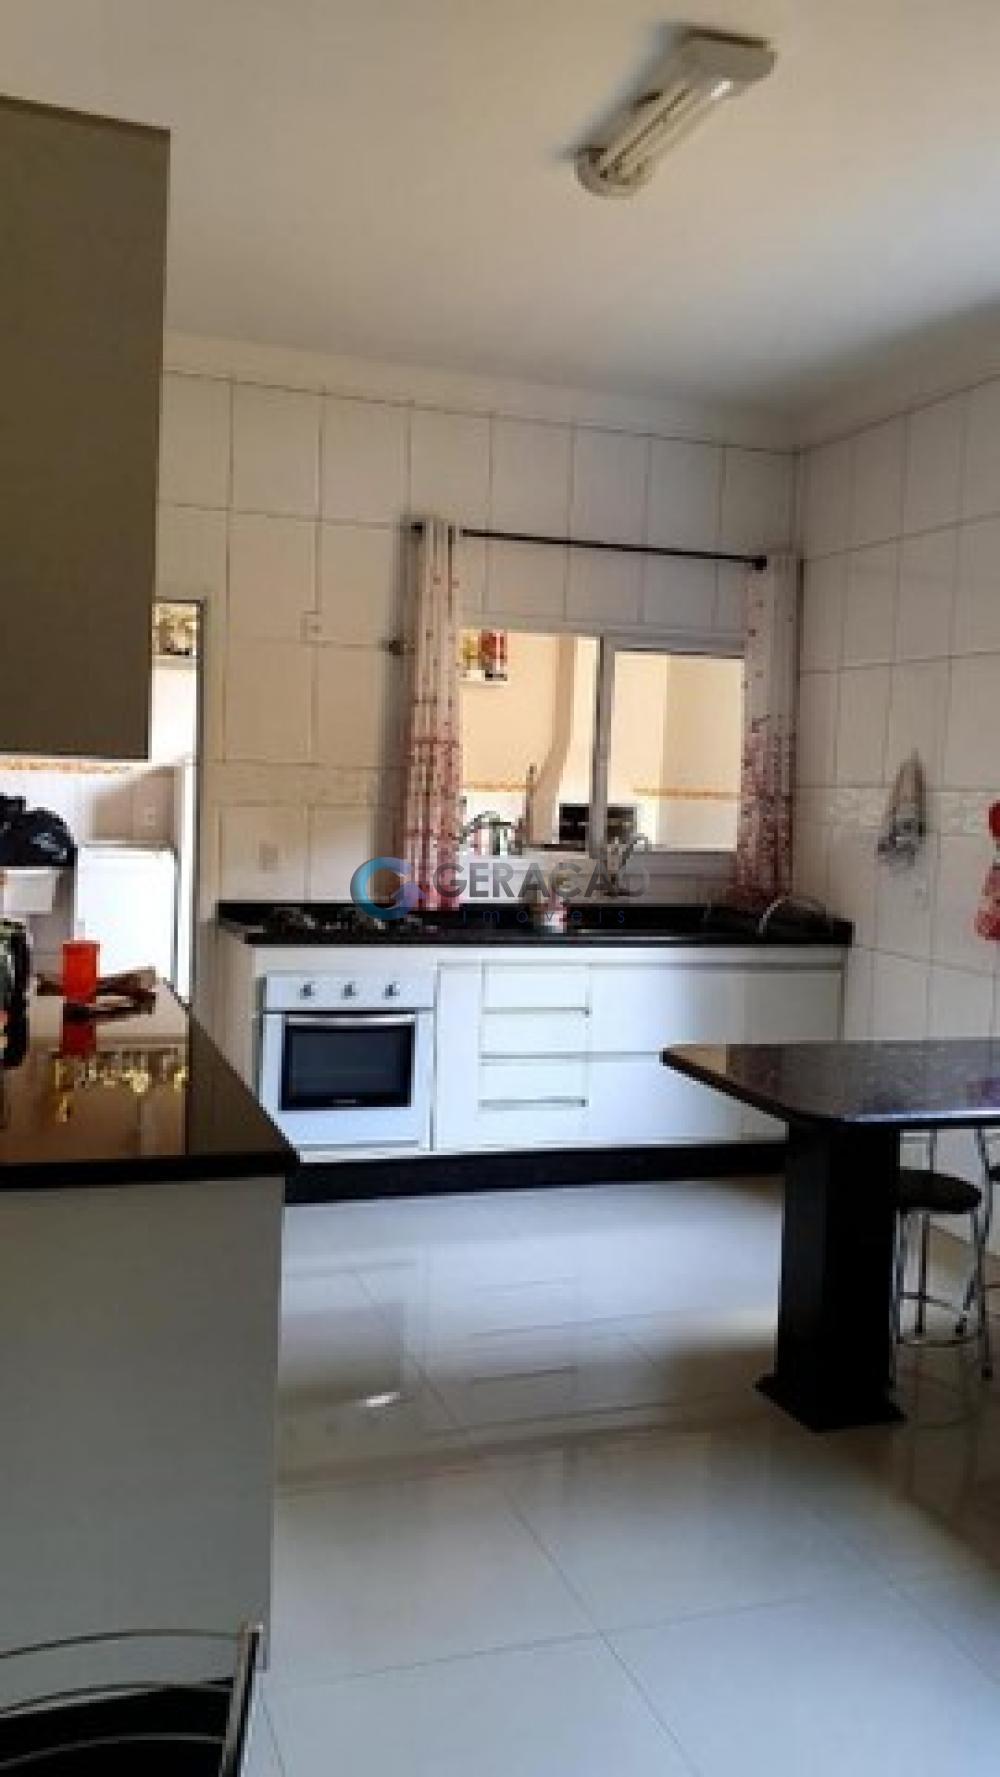 Comprar Casa / Padrão em São José dos Campos R$ 533.000,00 - Foto 6